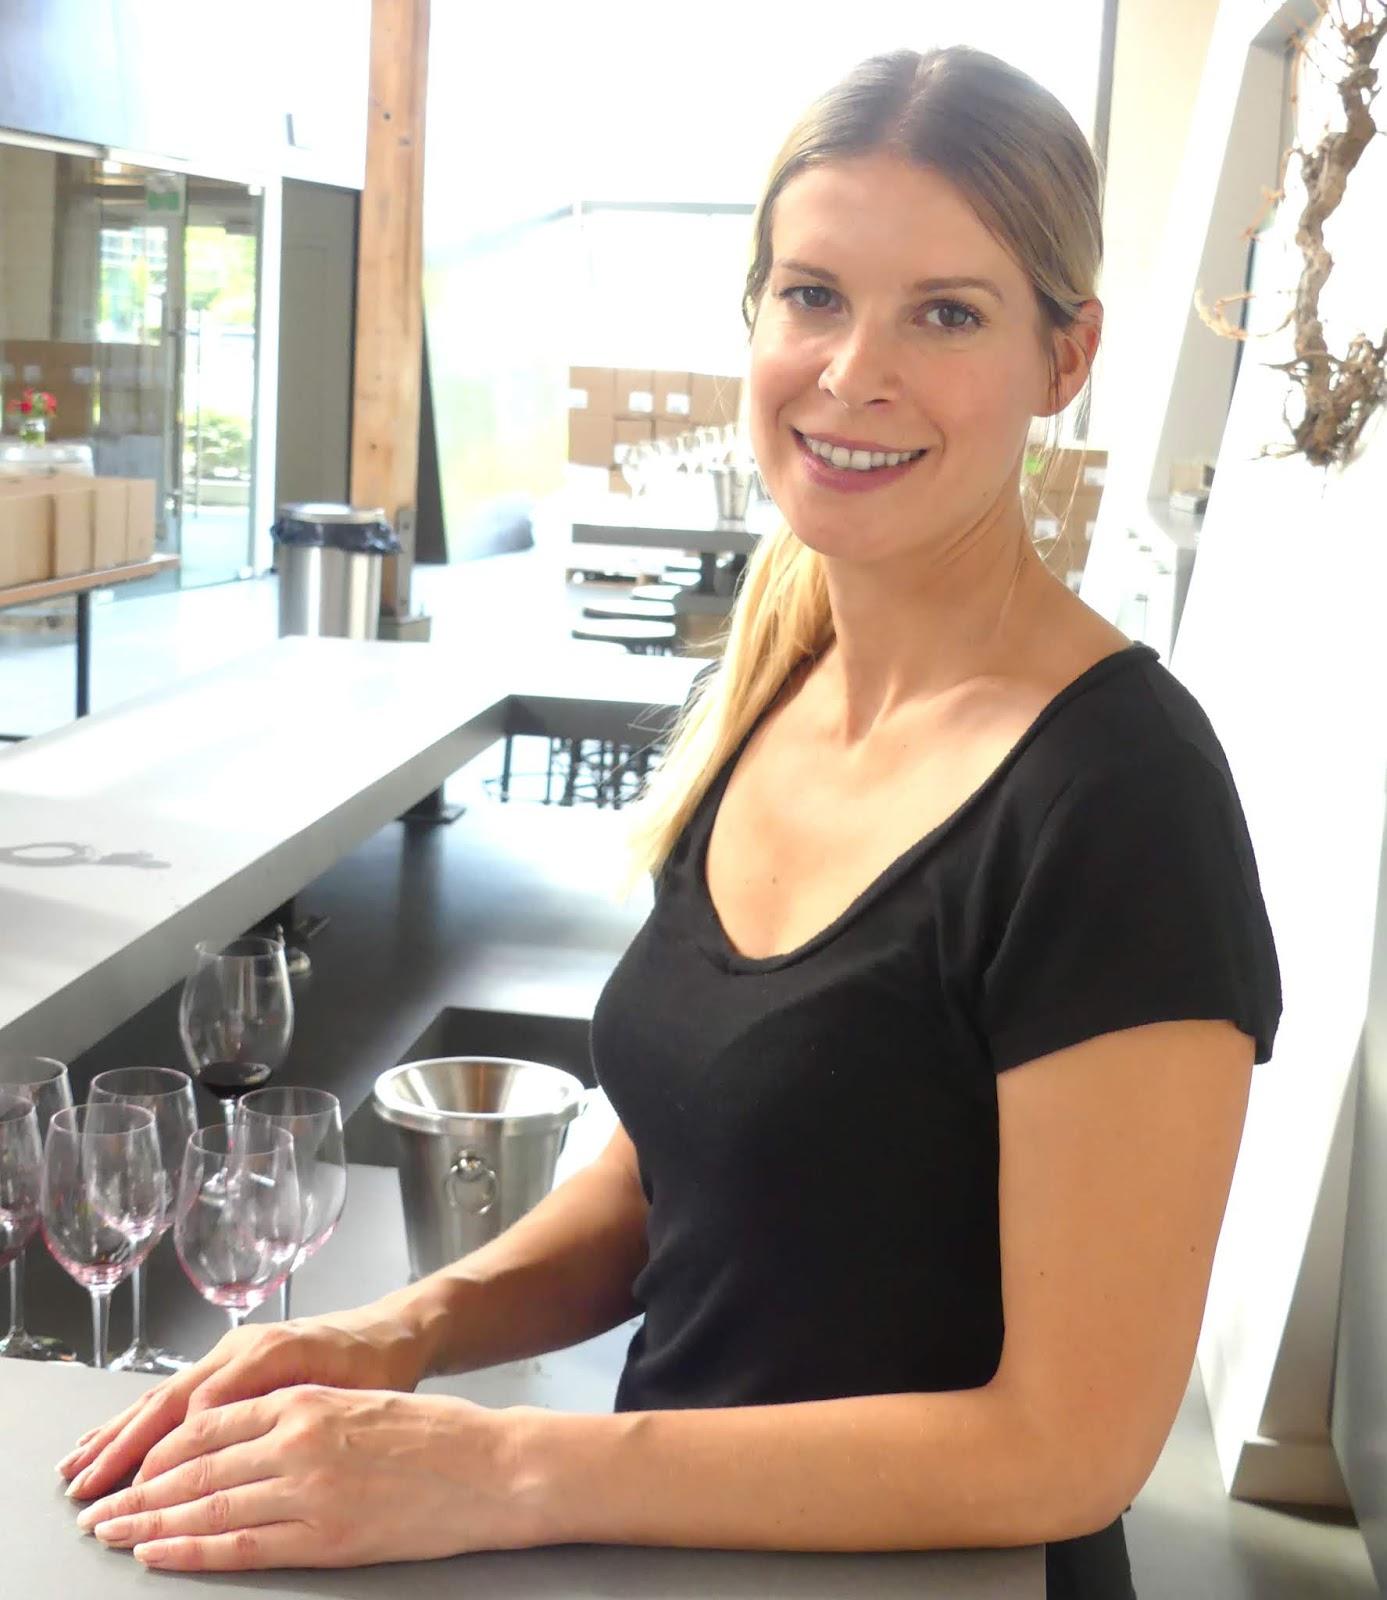 John Schreiner on wine: Sandhill Rosé 2018: a wine with eye appeal